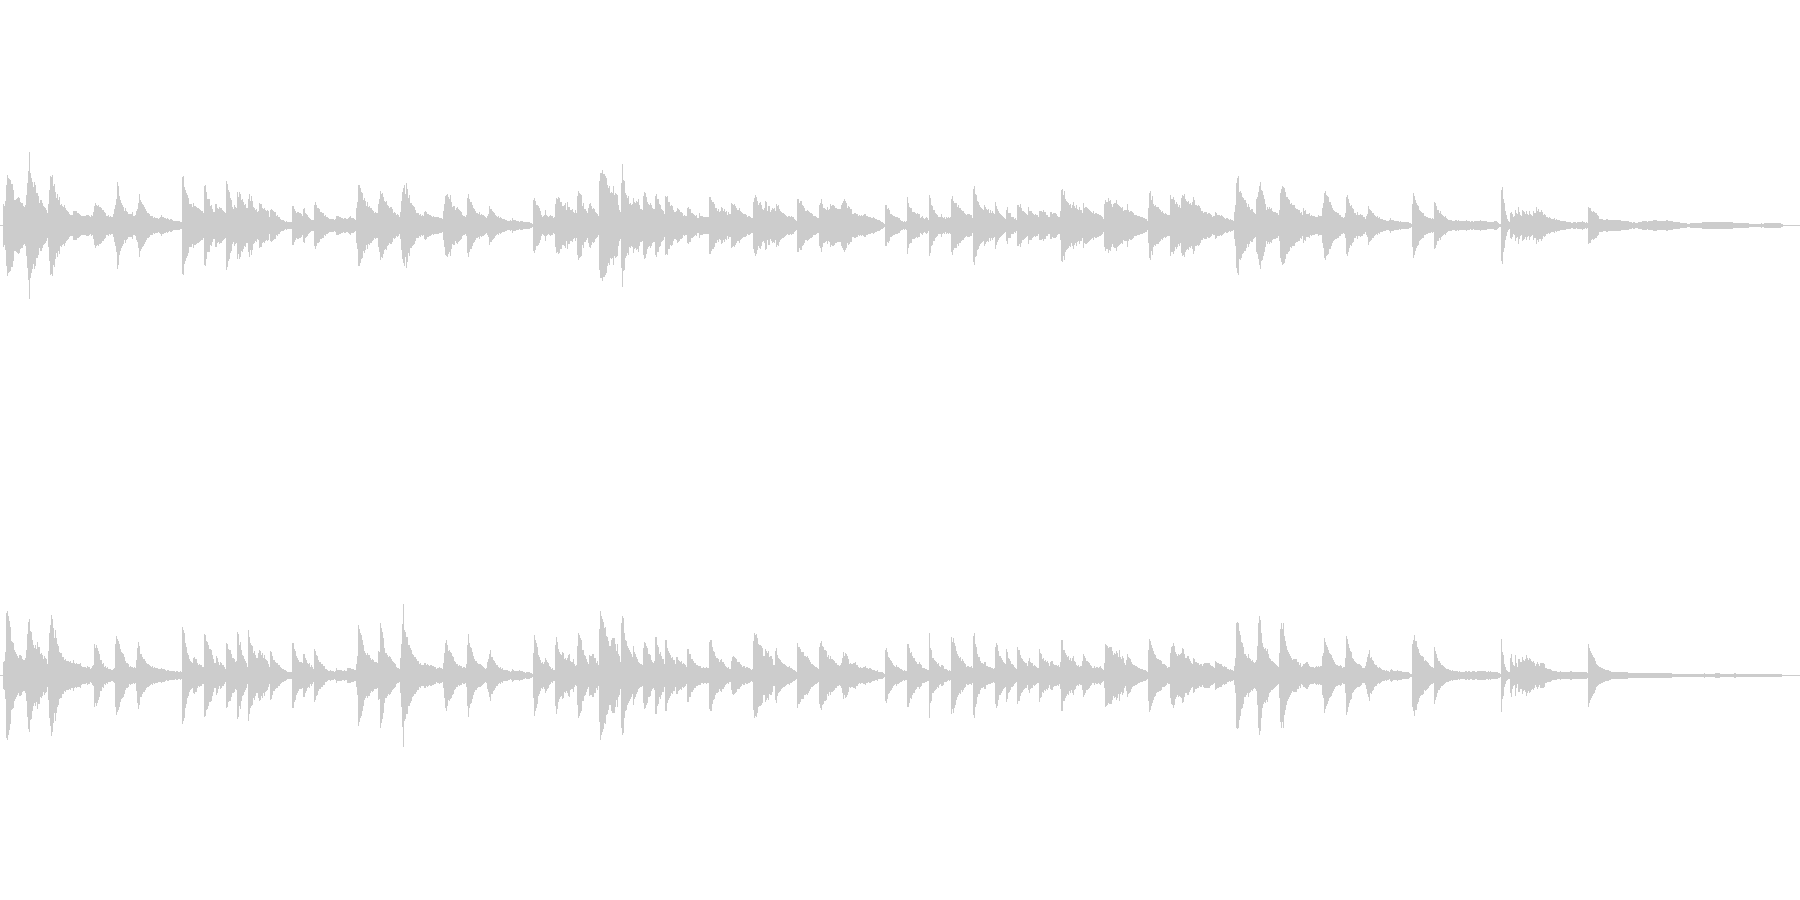 日本古謡|さくらさくら|ピアノ伴奏の未再生の波形